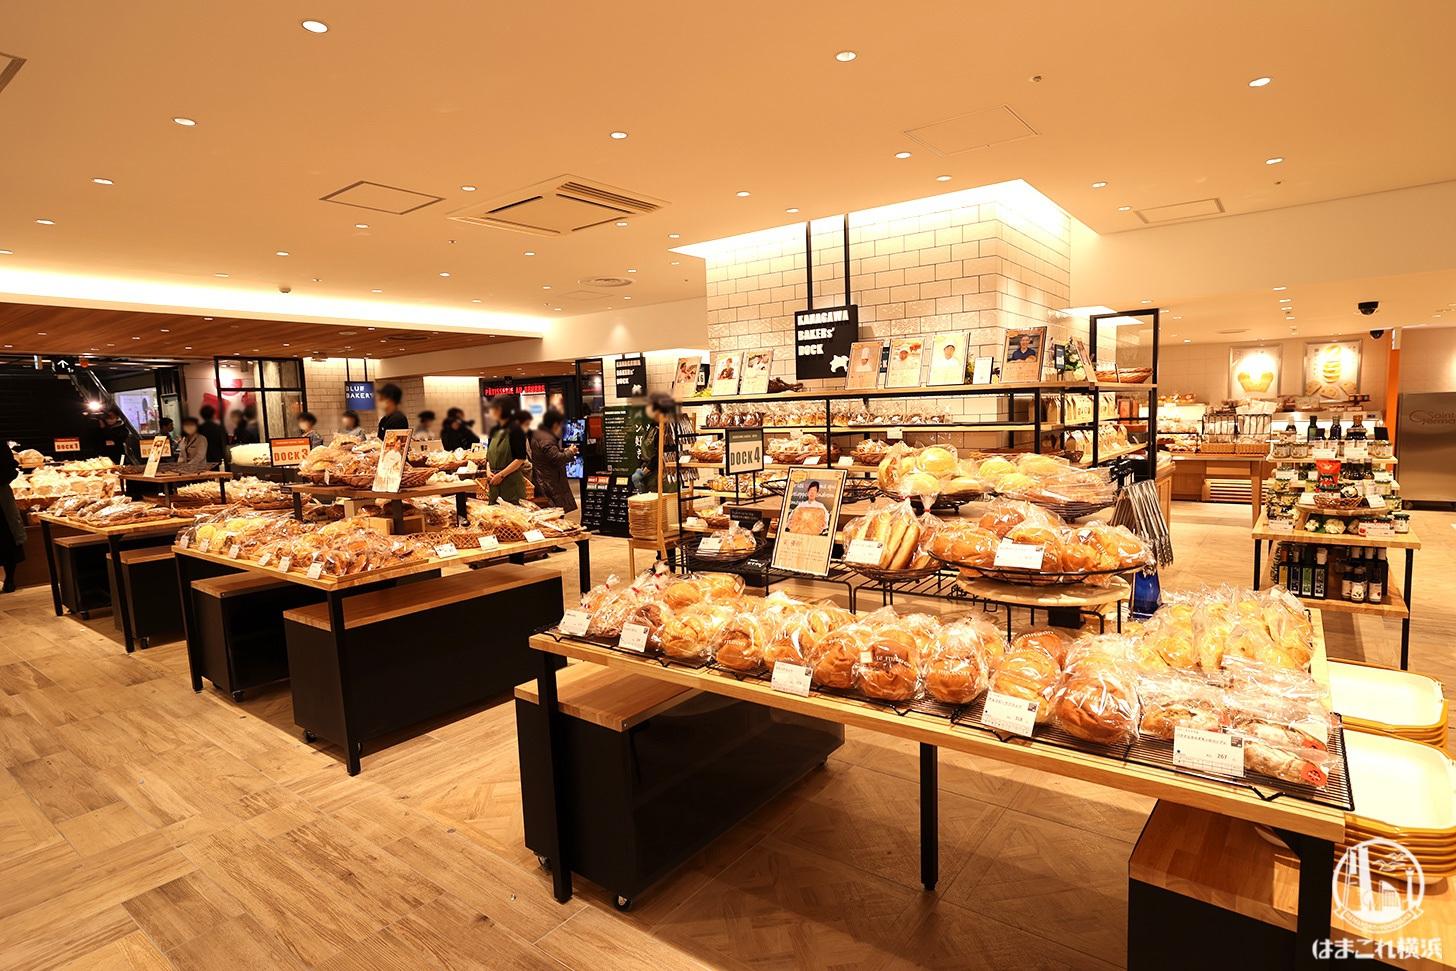 横浜高島屋「ベーカリースクエア」お披露目!横浜限定など気になるパンをチェックしてきた